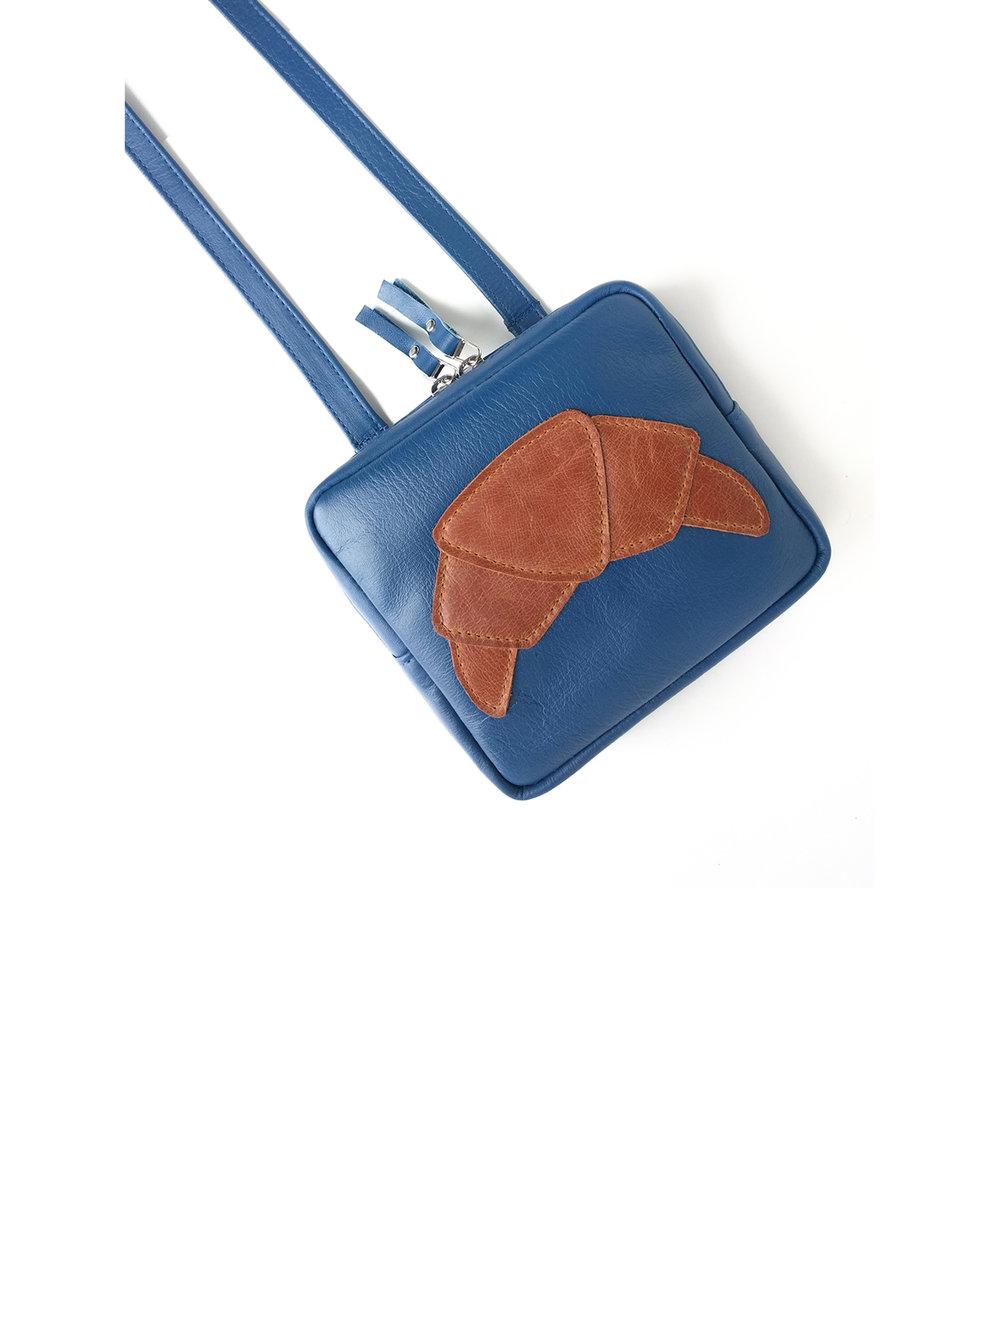 Mini sac à main appliqué Croissant - plusieurs couleurs disponibles150.00$